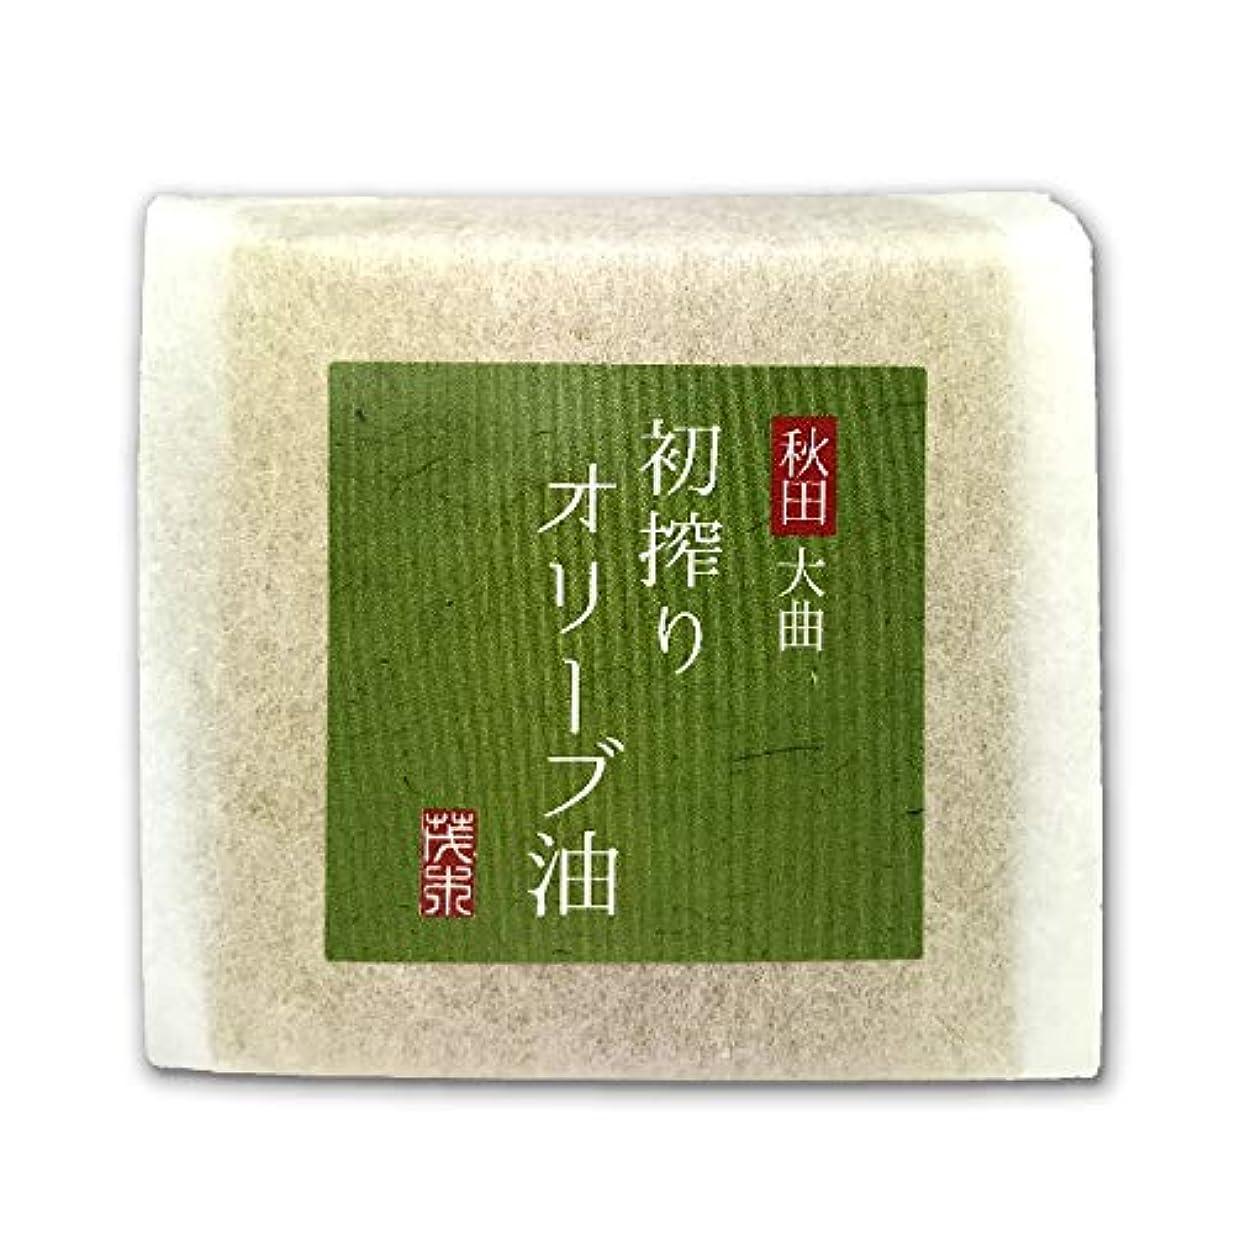 壁険しい旋律的初搾りオリーブ油石鹸 100g